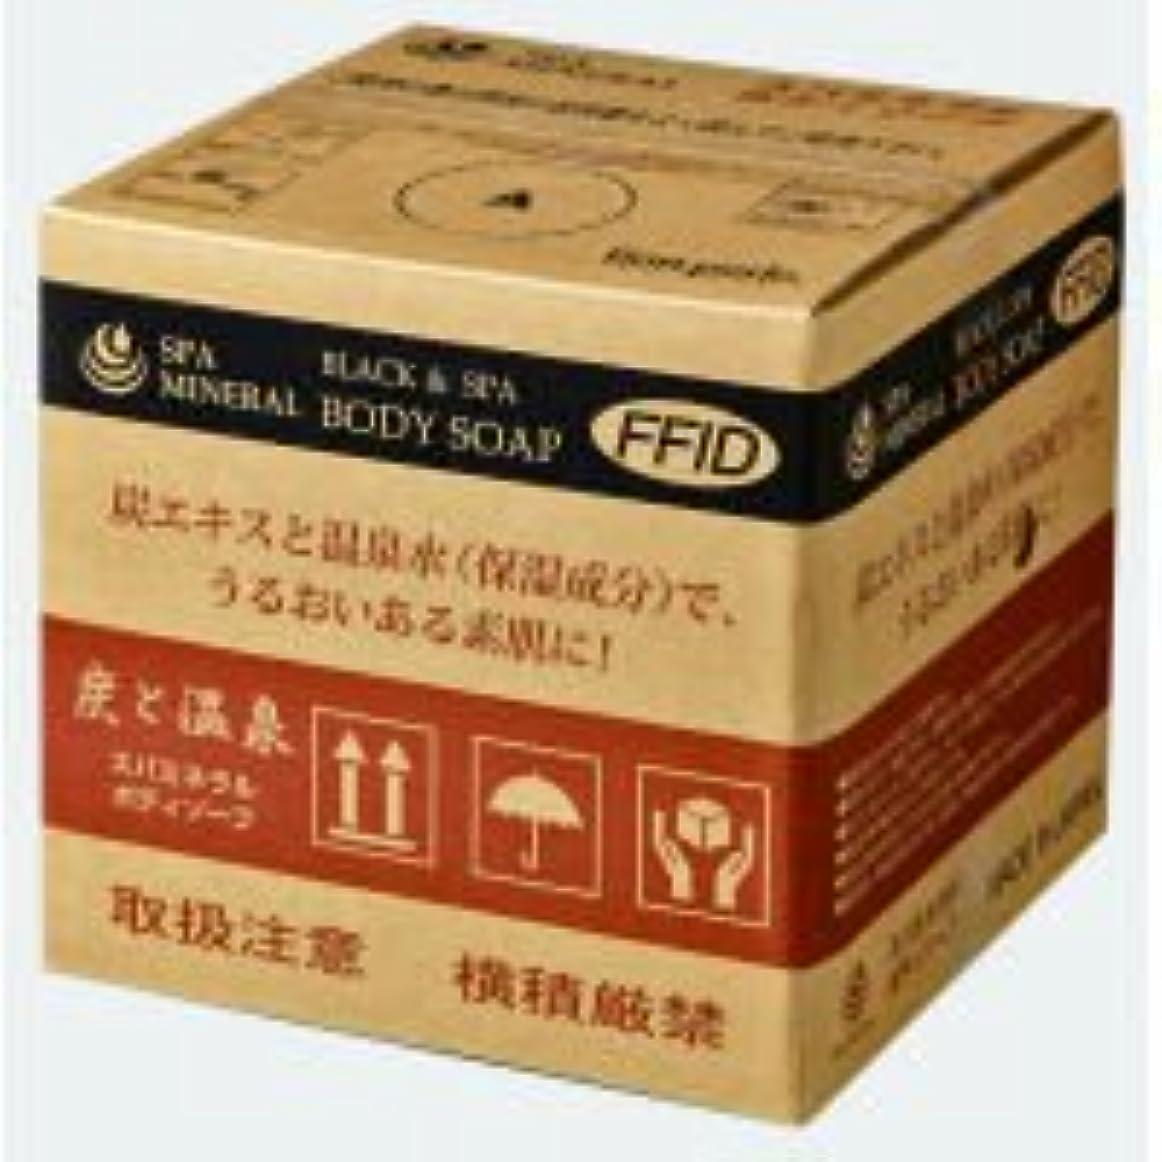 ワードローブオーバーフローセイはさておきスパミネラル 炭ボディソープ 20kg 詰替用